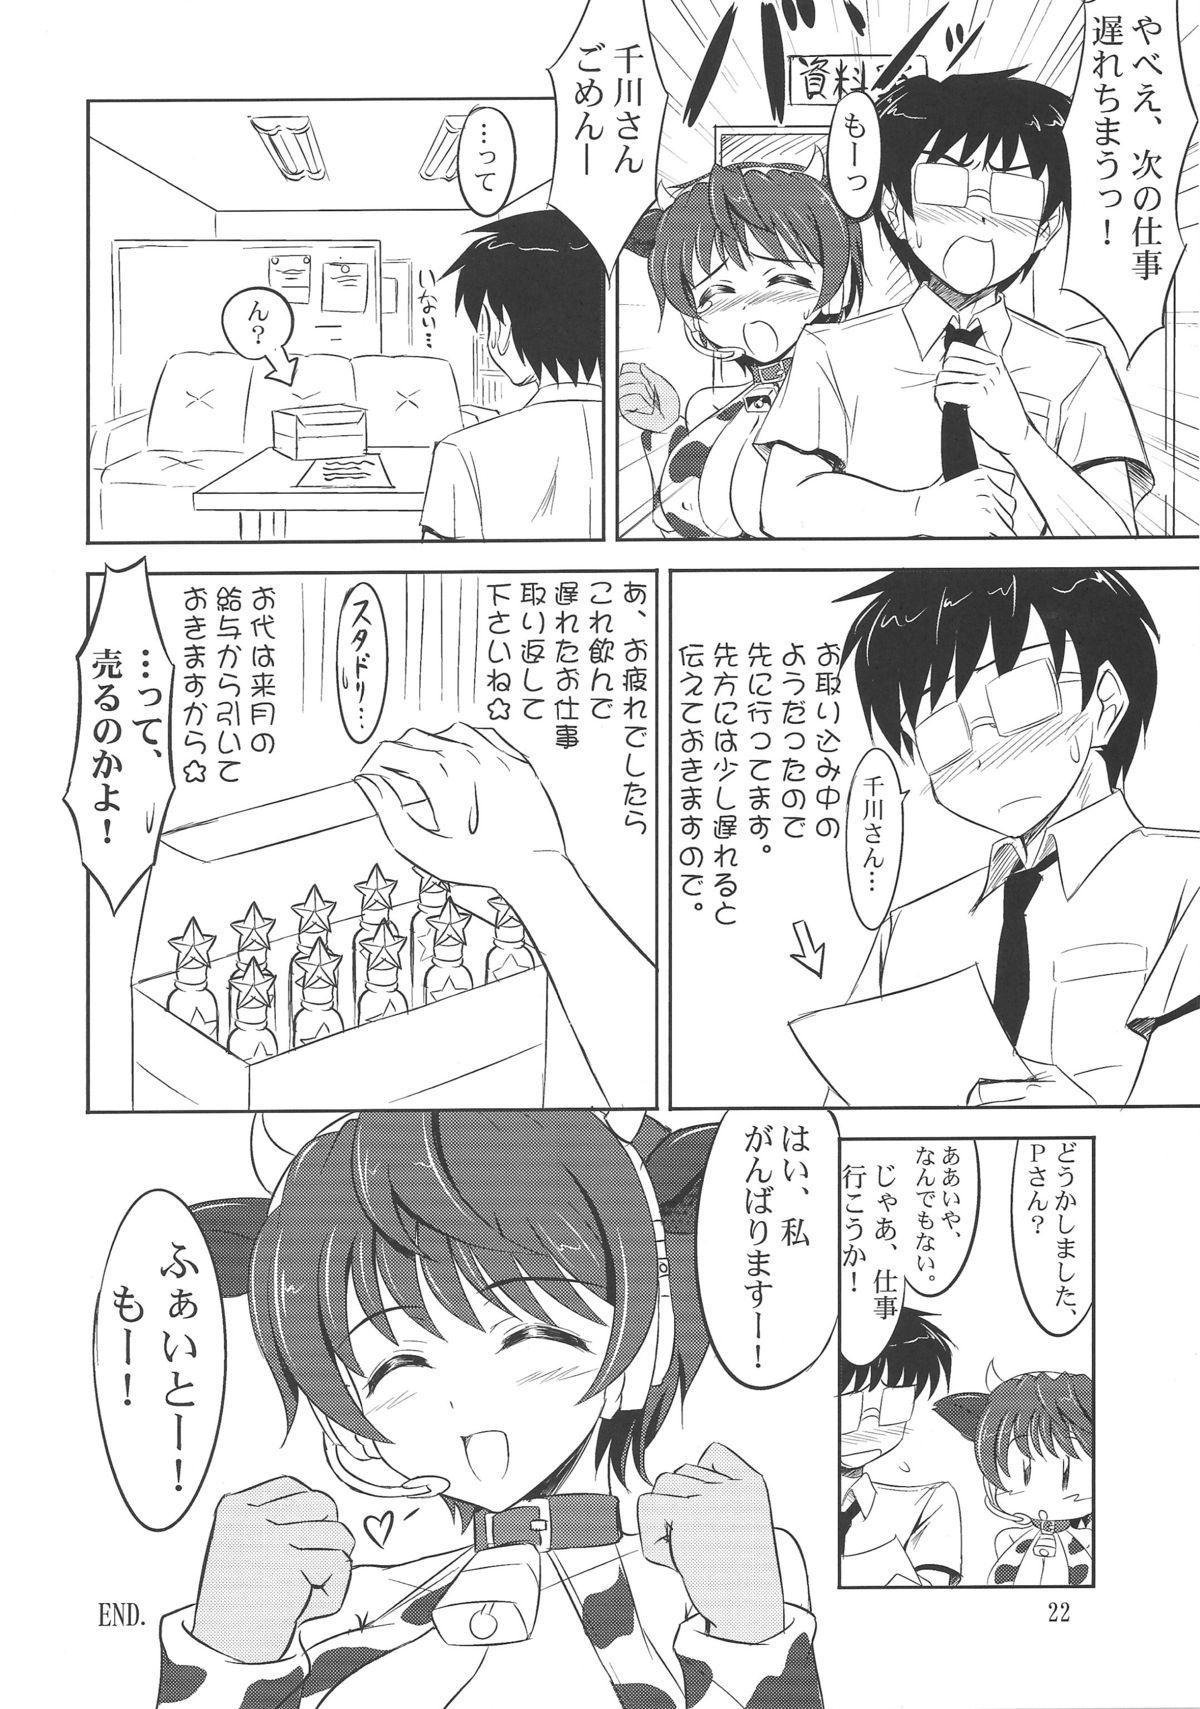 Oikawa no Oishii Shizuku 20